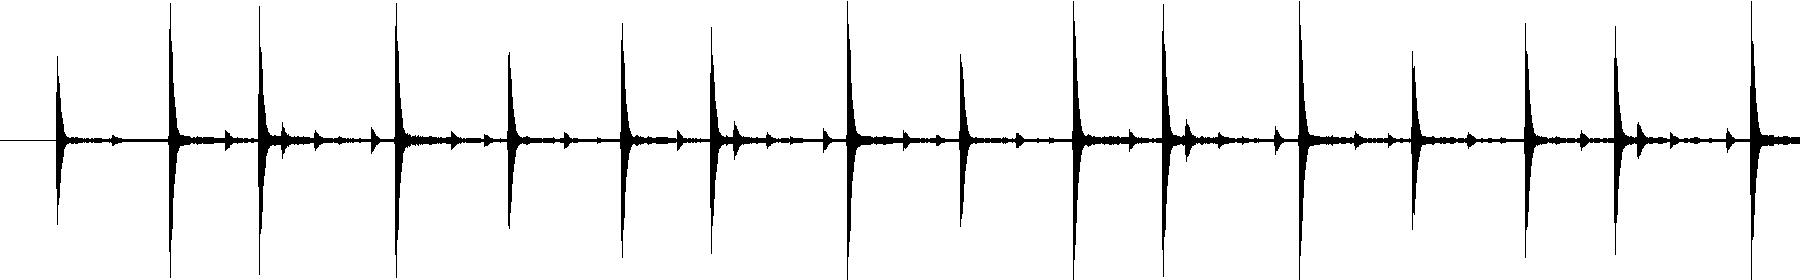 vedh melodyloop 105 b 122bpm